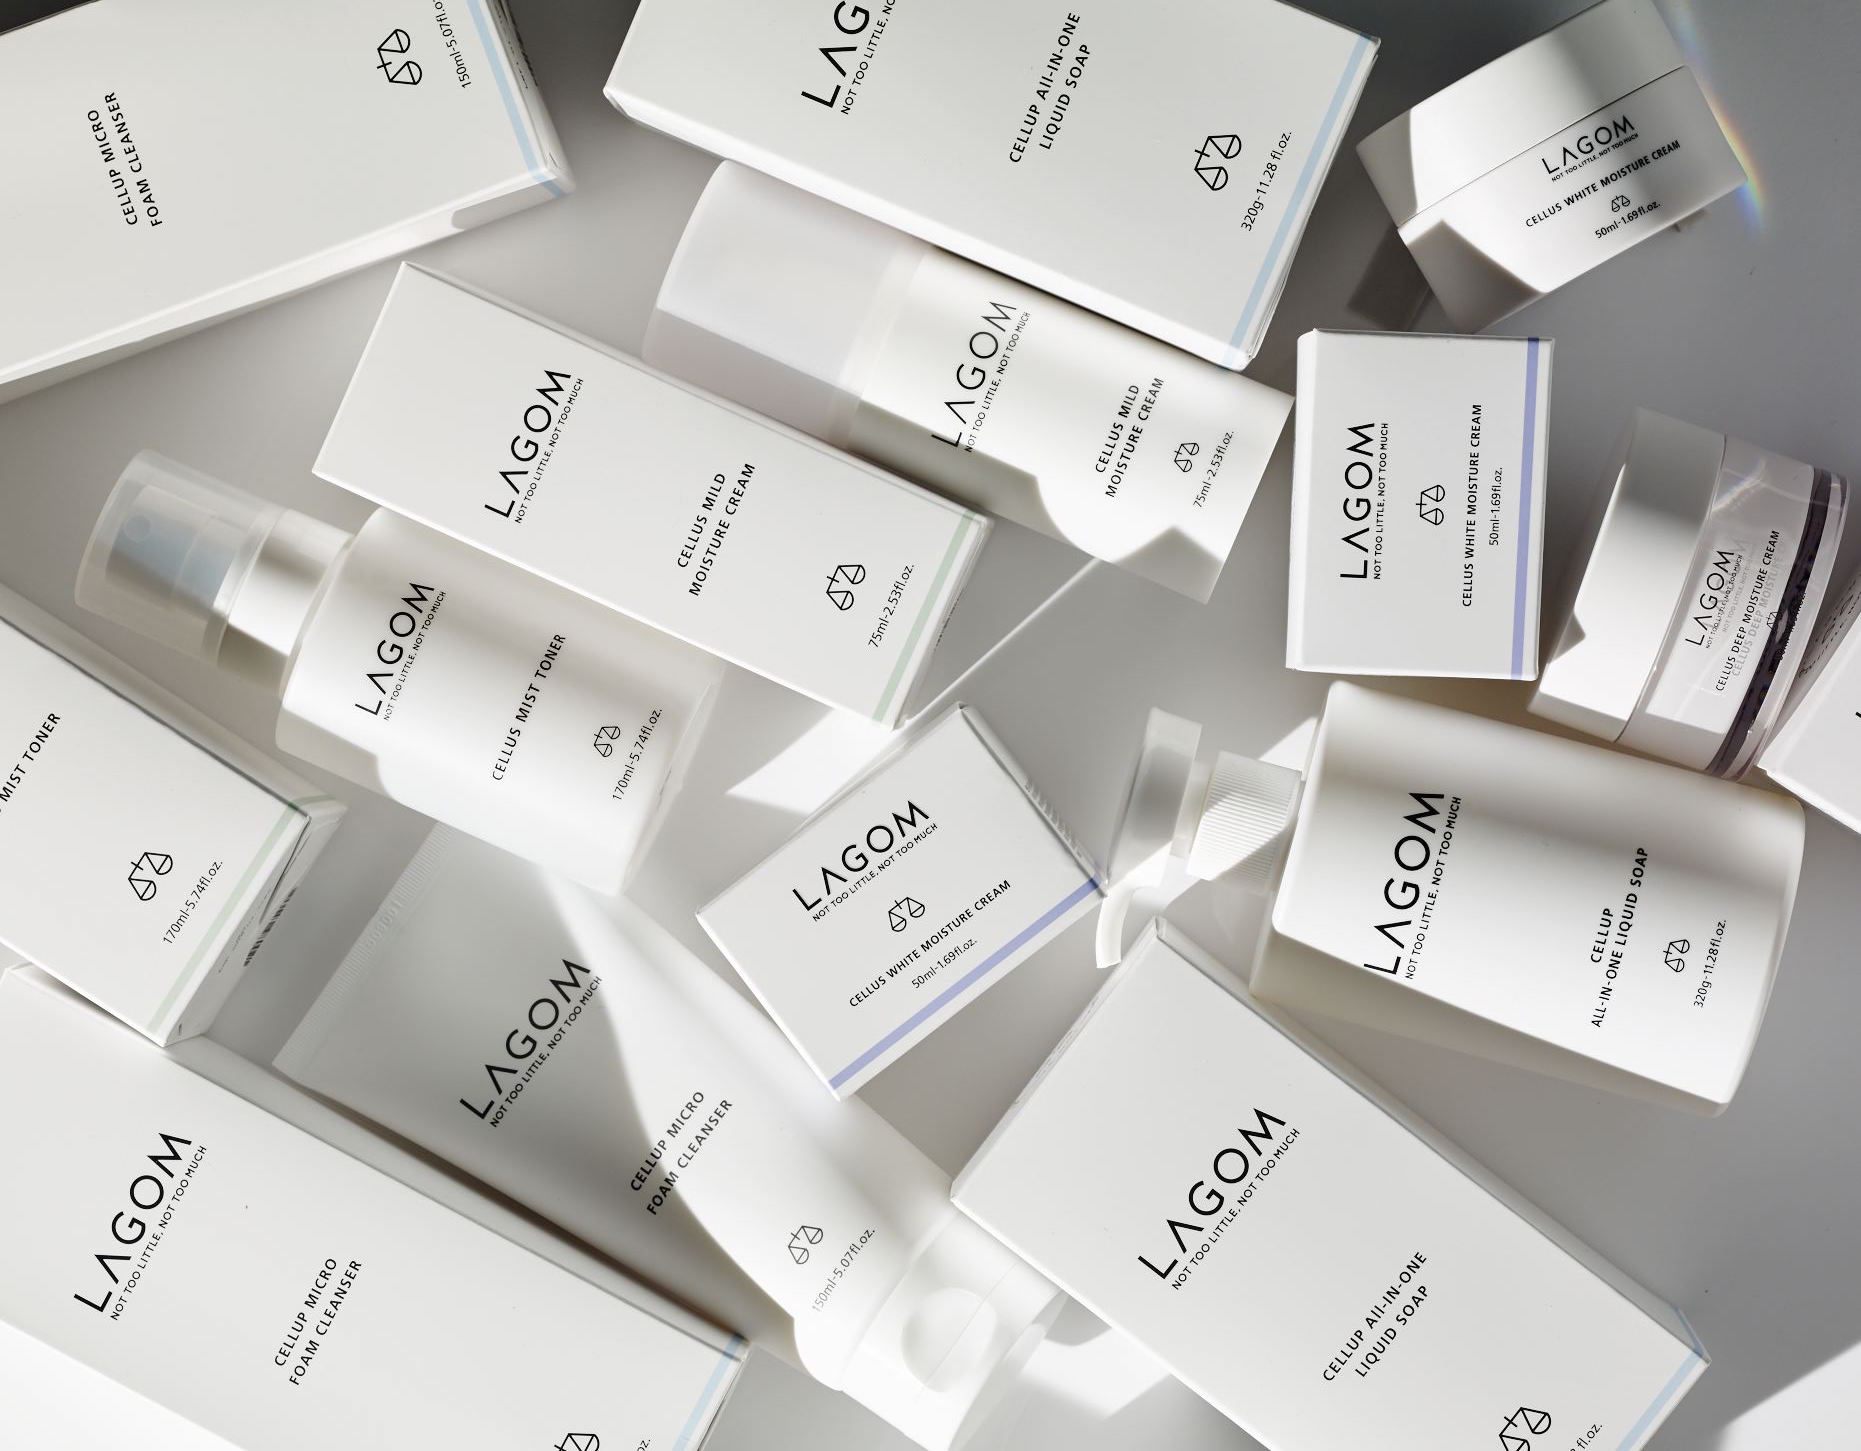 Korean skincare Lagom cosmetics